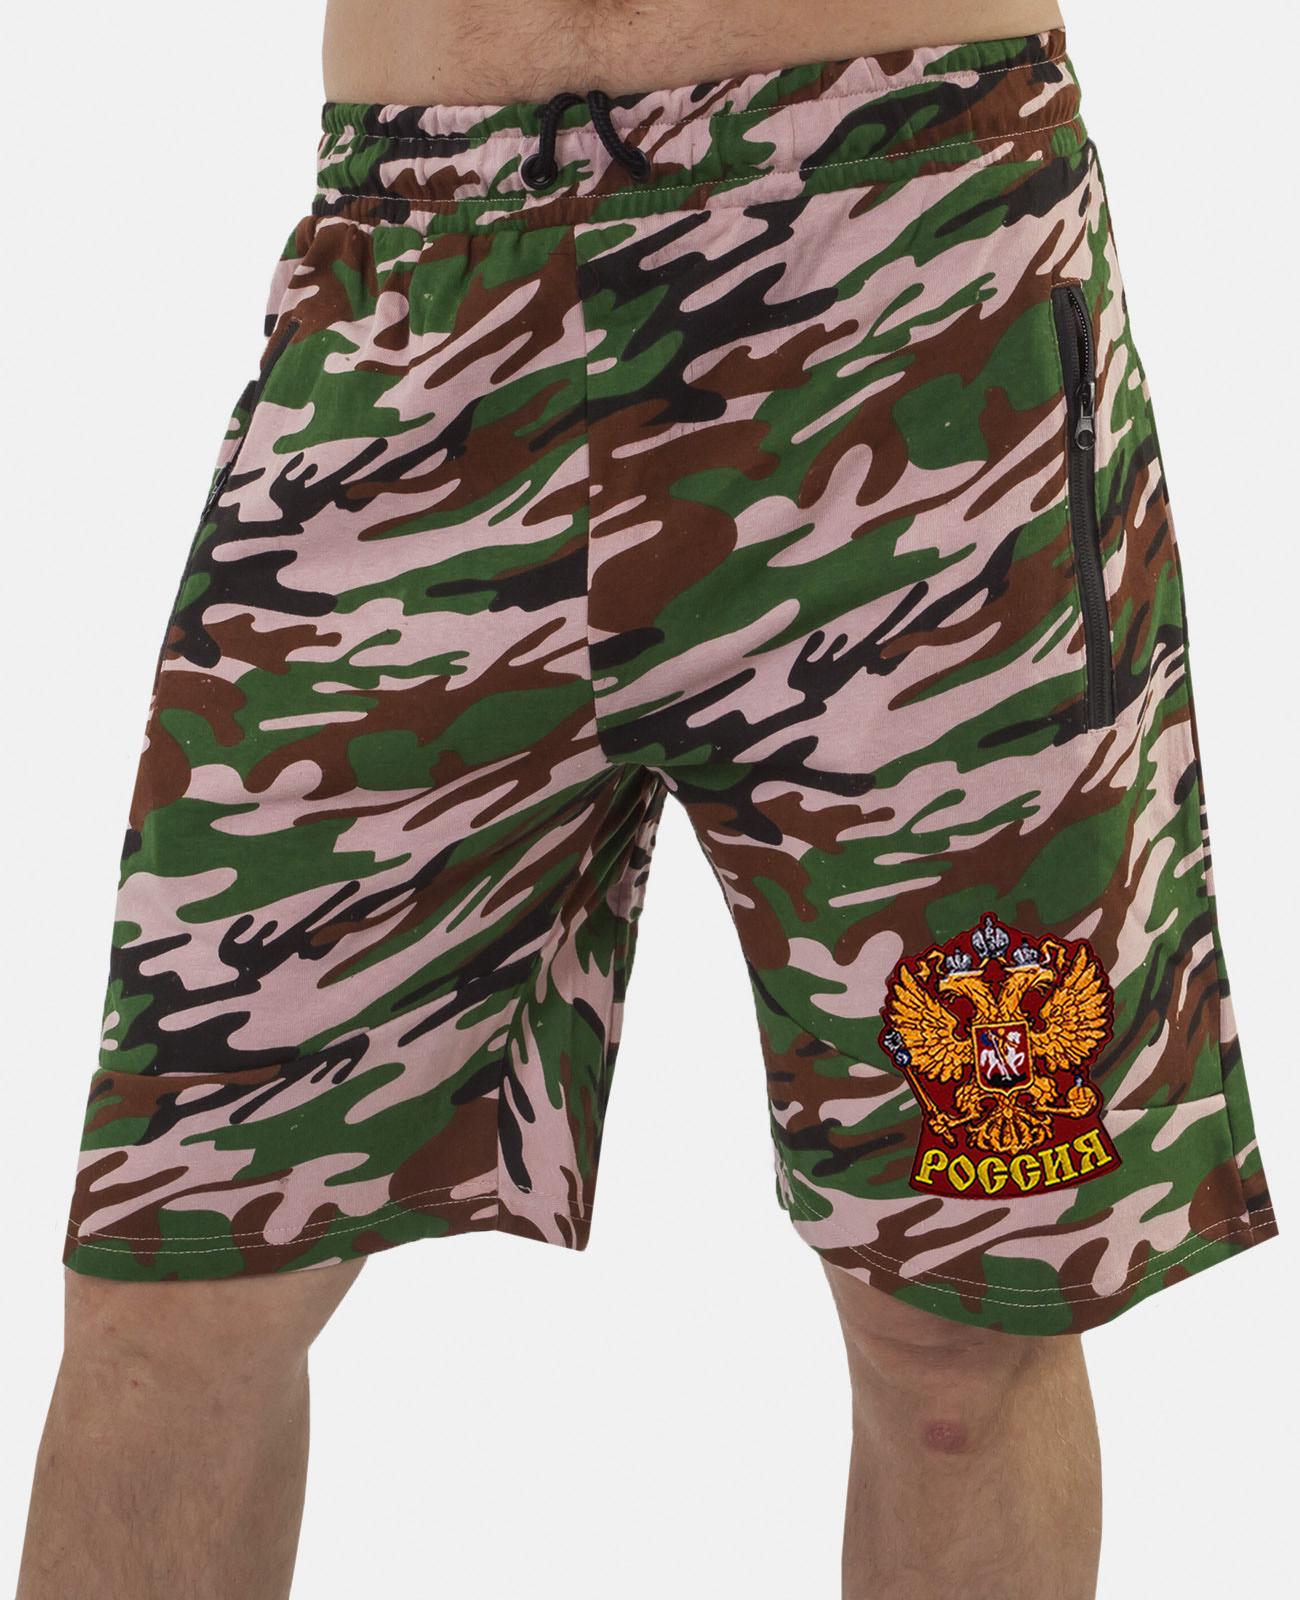 Купить особенные шорты удлиненного фасона с нашивкой Россия в подарок мужчине